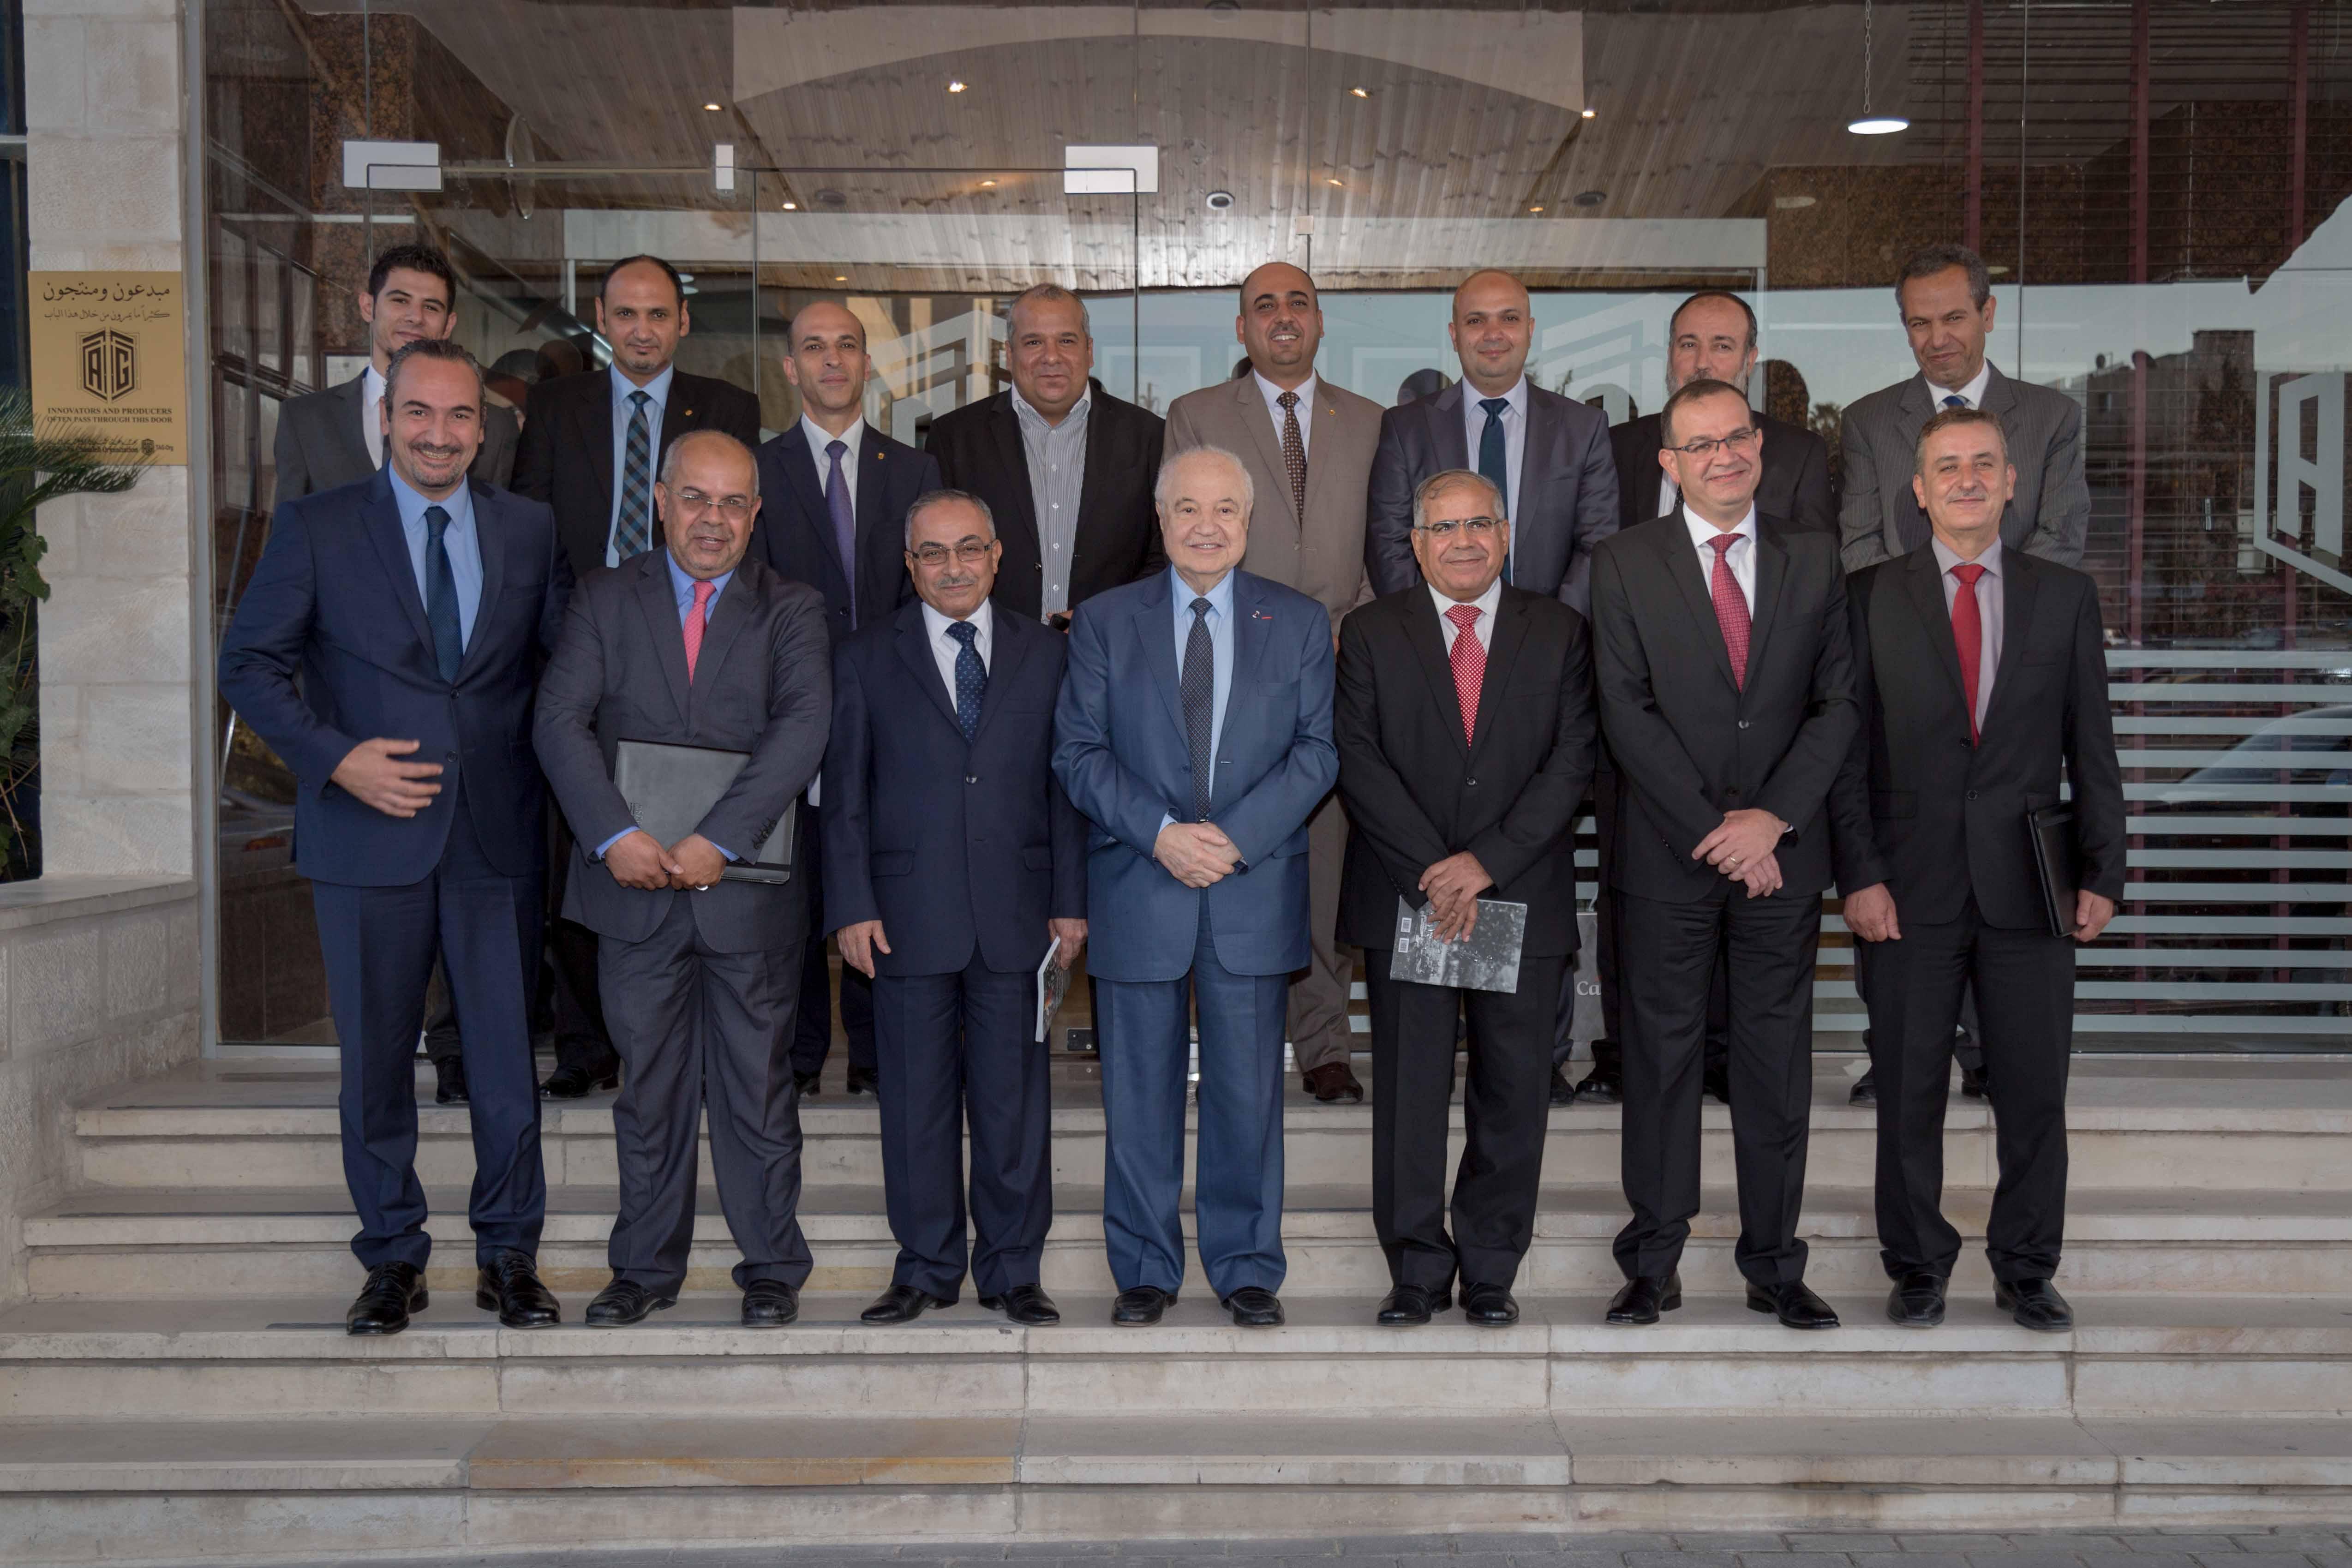 مجموعة طلال أبو غزاله وشبكة الجامعات الأردنية وOrange الأردن يطلقون الشبكة الدولية للربط التقني للبحث والتعليم بالشراكة مع الاتحاد الأوروبي